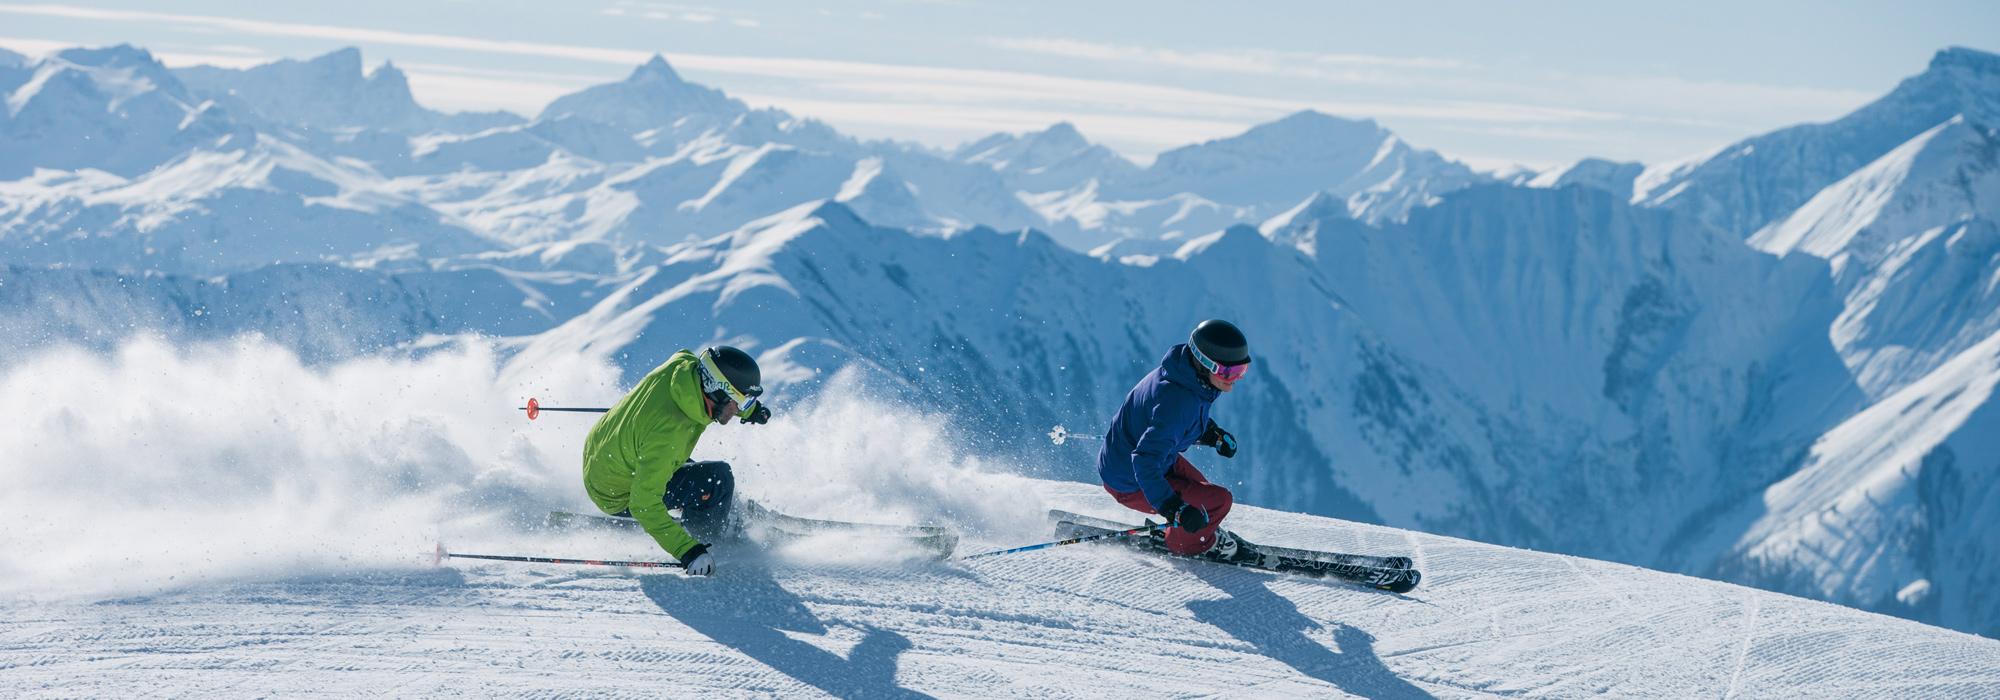 Skiferien Laax/Flims - 2 Skifahrer